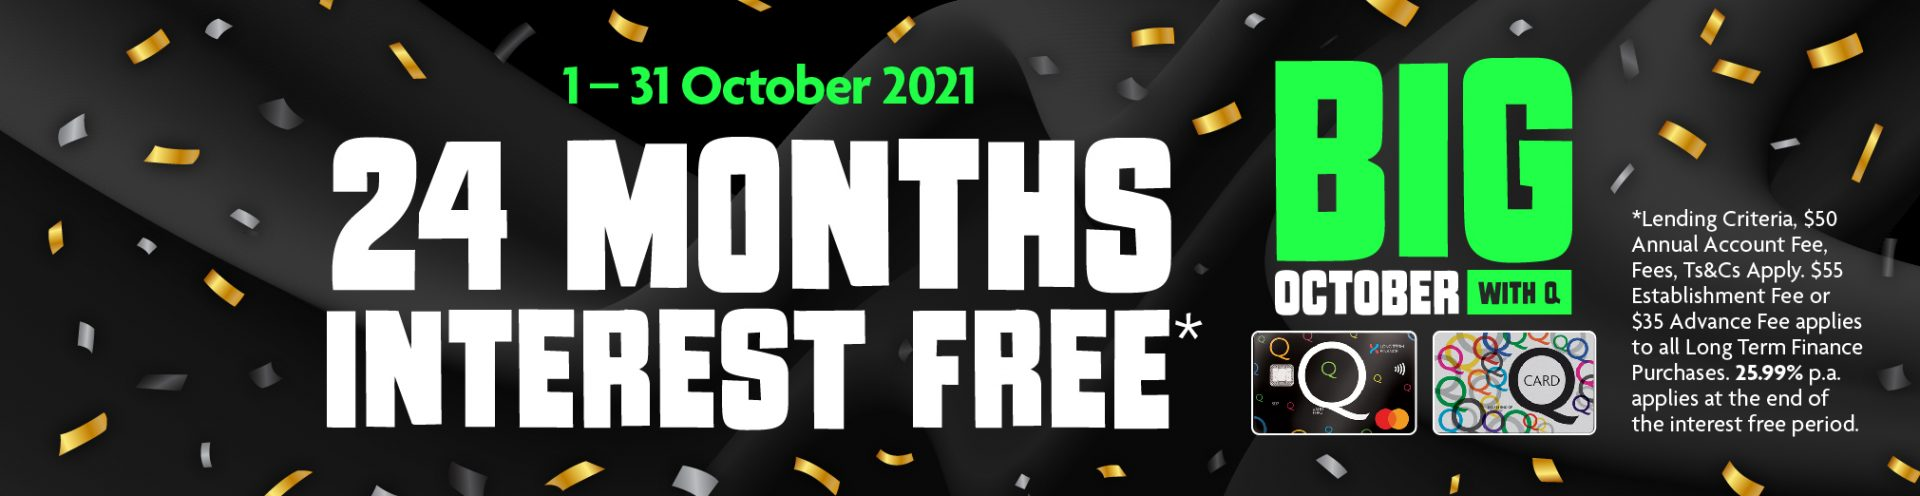 24 Months Interest free banner